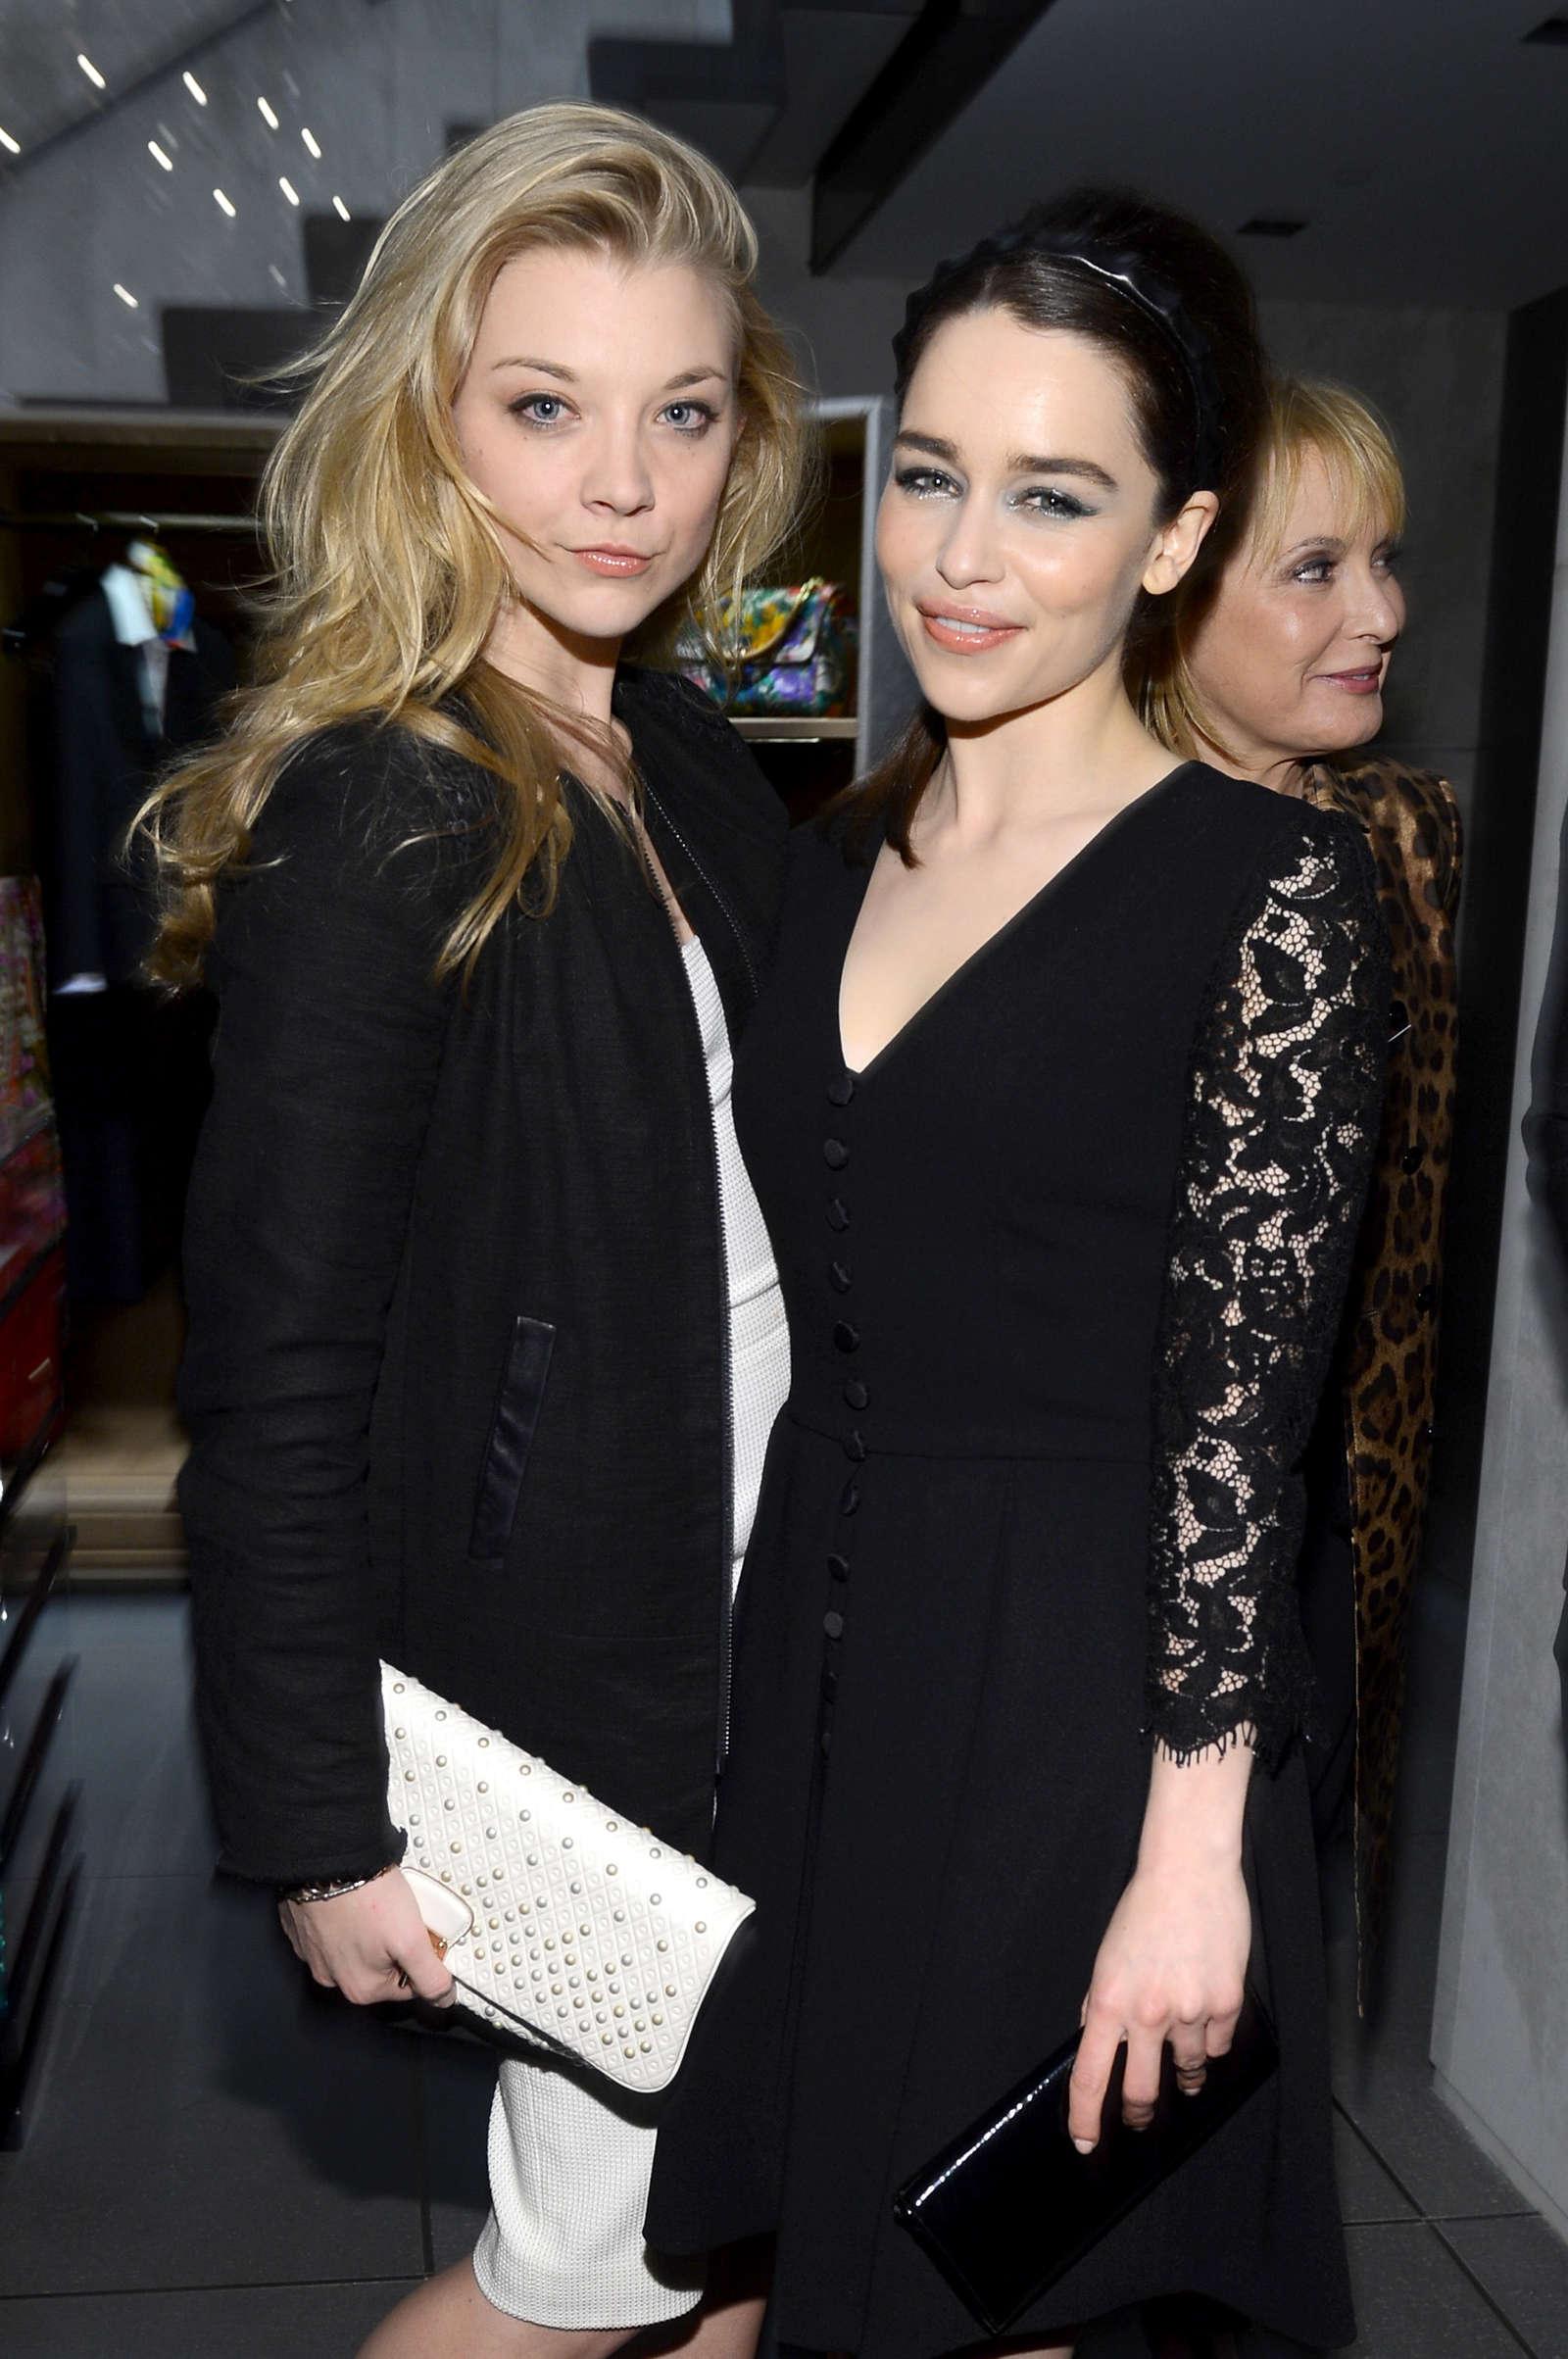 Emilia Clarke 2013 : Emilia Clarke – Moda Operandi event -12